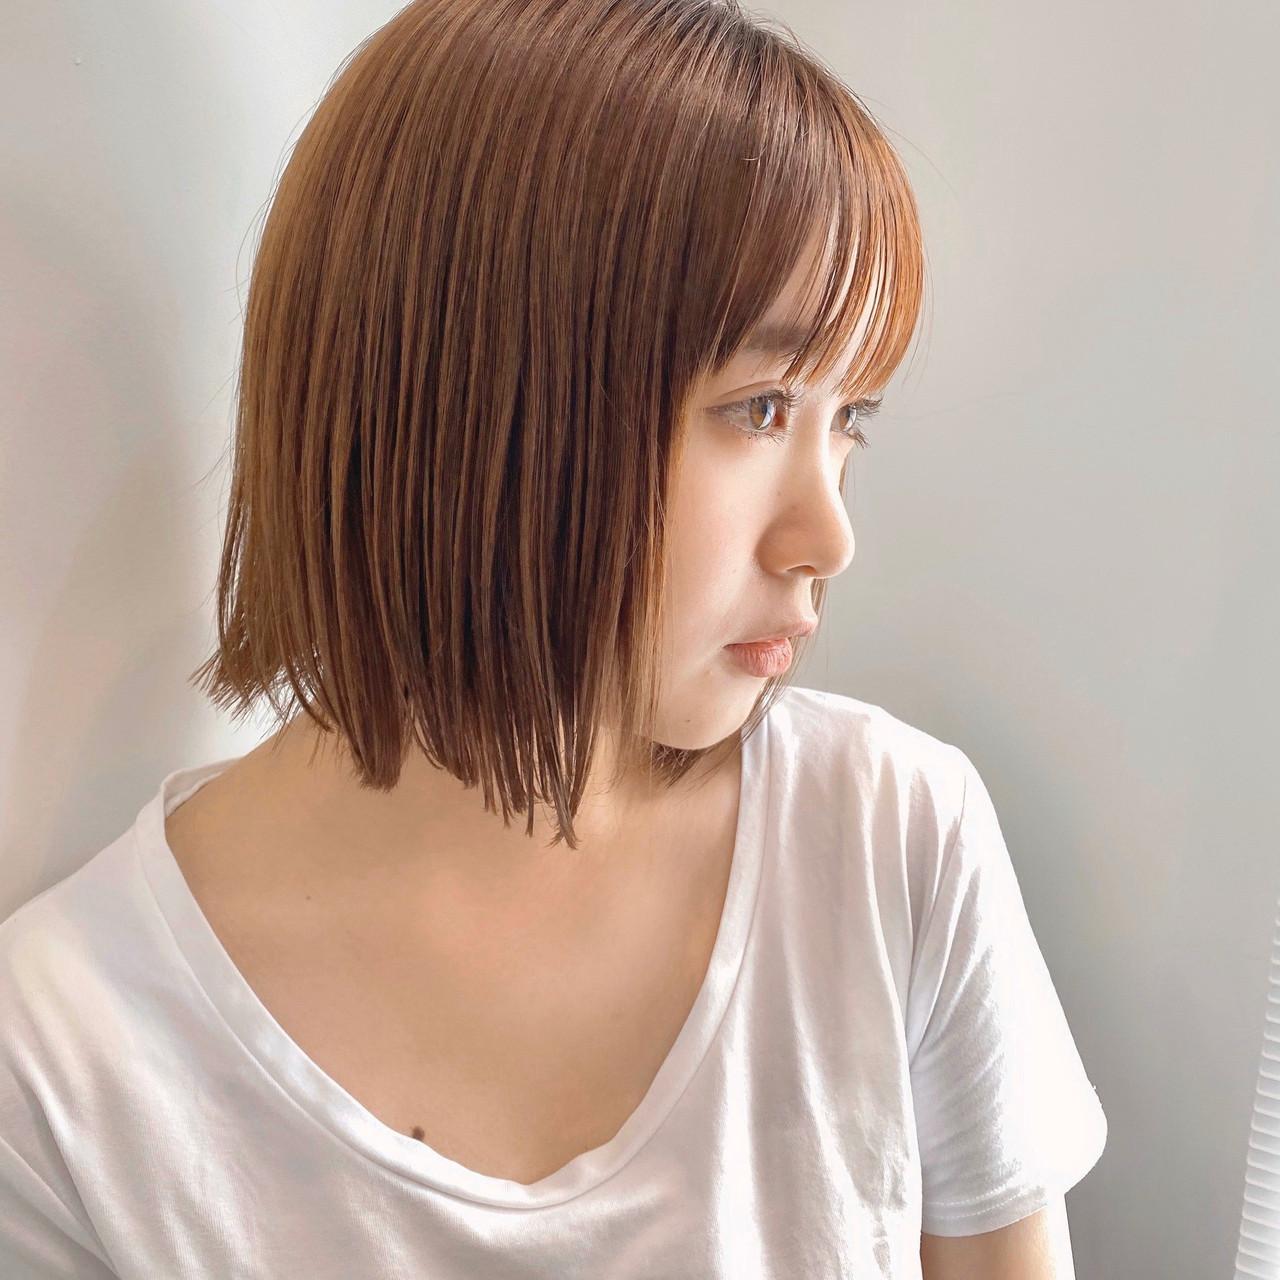 ショートヘア ショートボブ ナチュラル ボブ ヘアスタイルや髪型の写真・画像